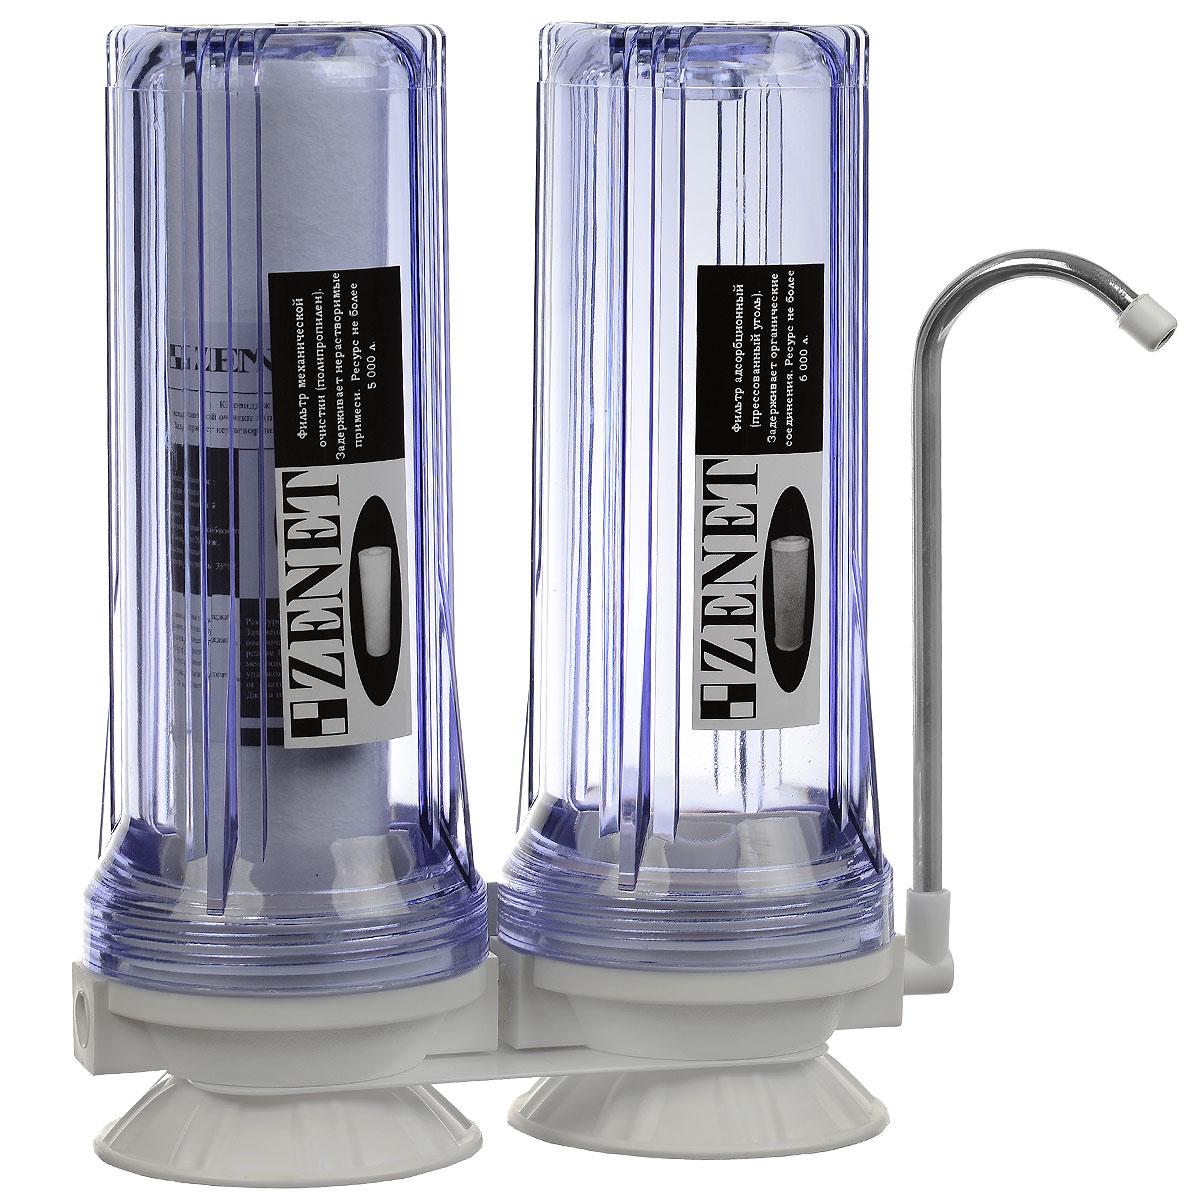 Фильтр для воды Zenet NT-2655.01Фильтр для очистки питьевой воды Zenet NT-2 - это максимально практичный прибор высокого класса, который осуществляет двухступенчатую фильтрацию жидкости, что приводит к удалению из воды нерастворимых примесей, хлора, пестицидов, органических соединений. Изделие характеризуется непревзойденной поглощающей способностью, подсоединяется к крану быстро и очень легко - с помощью универсального адаптера. Устройство широко применяется в быту, с его помощью вы сможете дочищать питьевую воду до экологически чистого состояния. Ступени очистки воды: 1 ступень - механическая очистка от нерастворимых примесей; 2 ступень - очистка от хлора, хлорсодержащих соединений, пестицидов, гербицидов и органических соединений. Скорость очистки: 1,5 л/мин. Рабочее давление: 1-4 атмосфер. Температура очищенной воды: от 4°С до 35°С. Ресурс угольного картриджа GAС, CBC: до 6000 л. Взвешенные примеси: до 99%.Тяжёлые и радиоактивные металлы: до 99%.Активный хлор: до 99%.Органические соединения: до 99 %.Нефтепродукты: до 99%.Микроорганизмы кишечная палочка: до 99%. Размеры: 13 см х 26 см х 33 см. Вес: 3 кг.